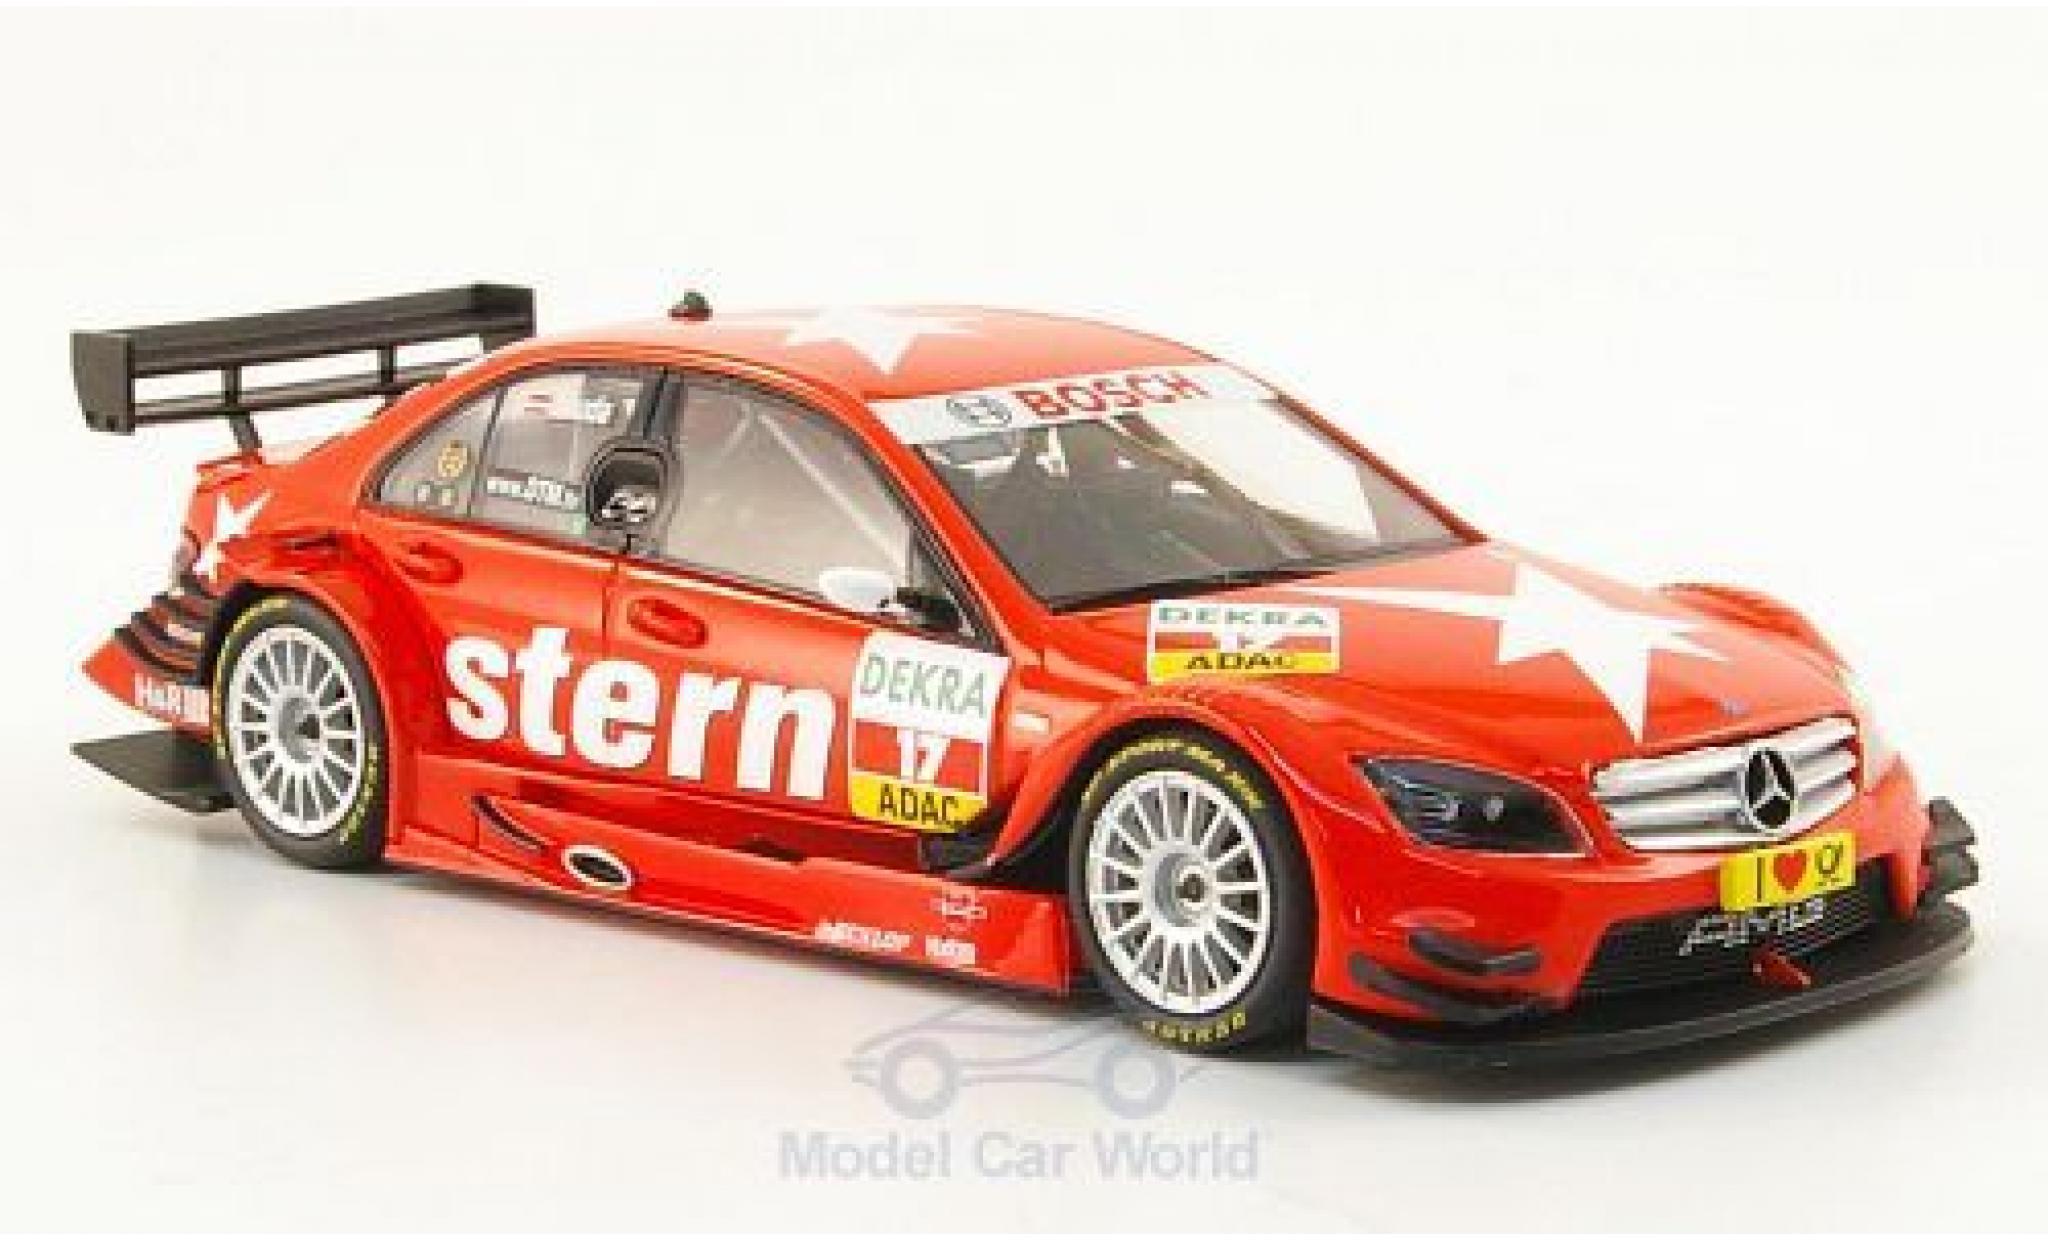 Mercedes Classe C DTM 1/43 Minichamps DTM (2008) No.17 Team Stern Stern DTM 2009 M.Lauda